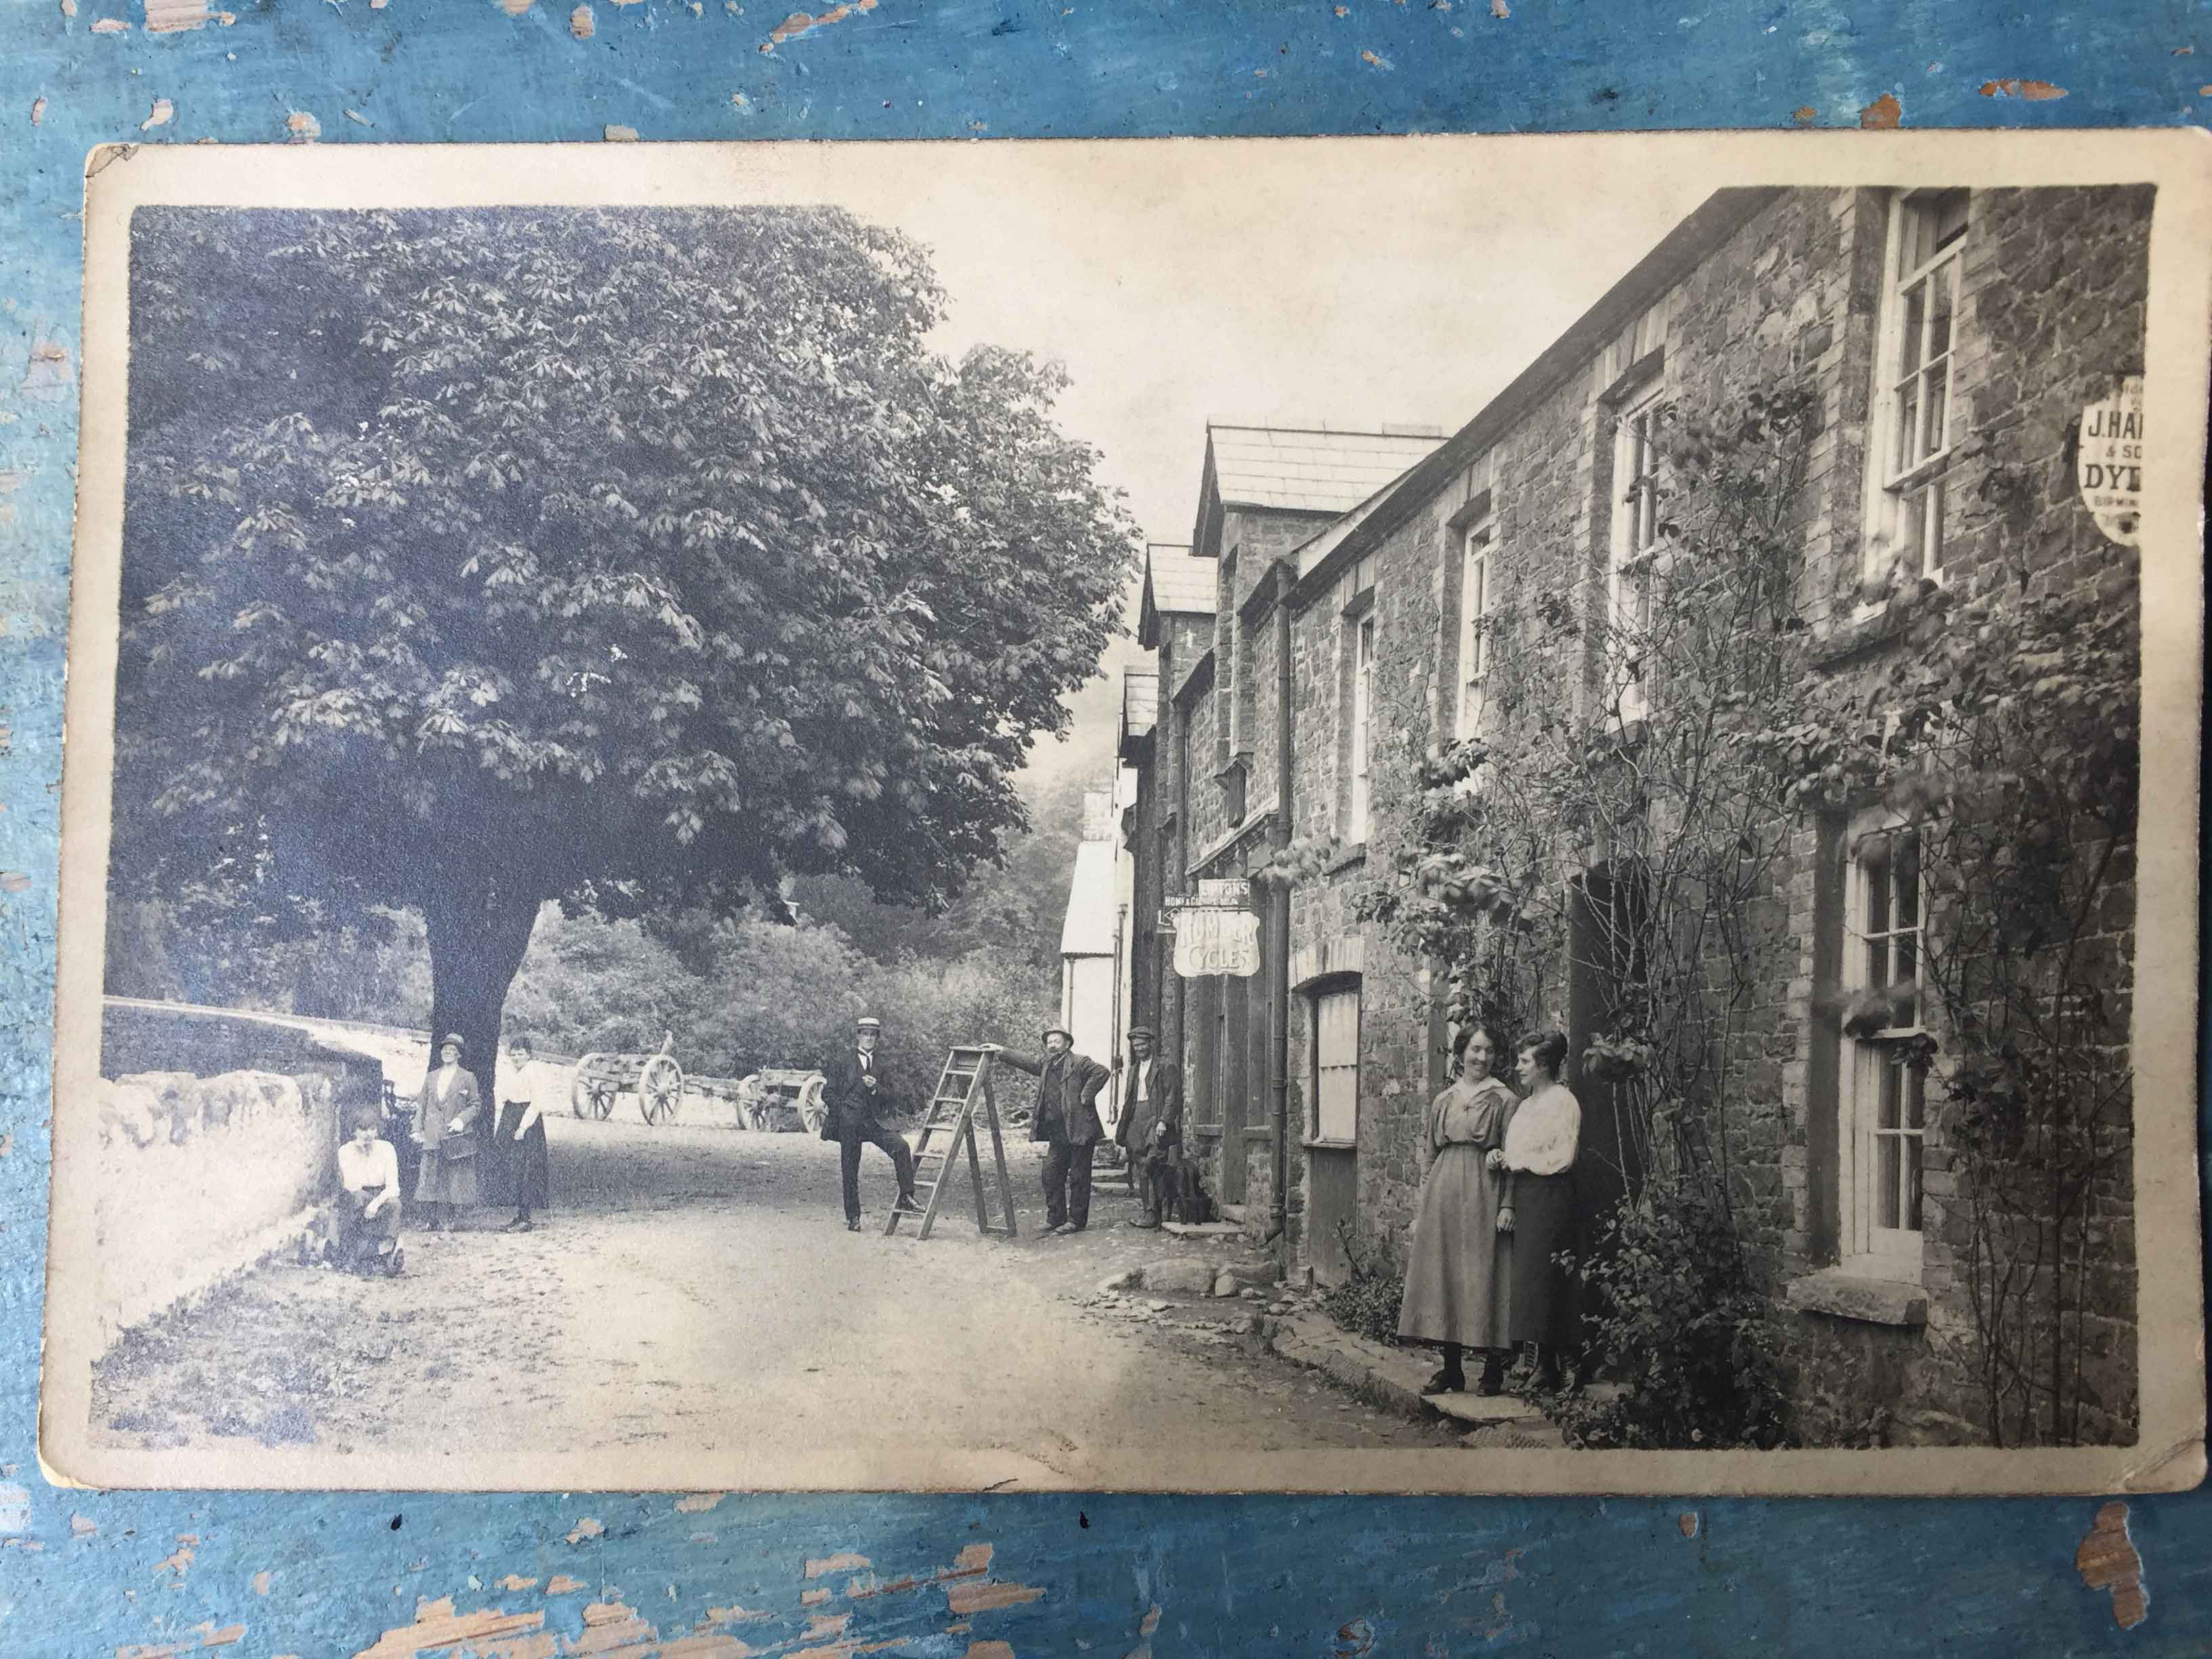 Llanfynydd-village-date-unknown